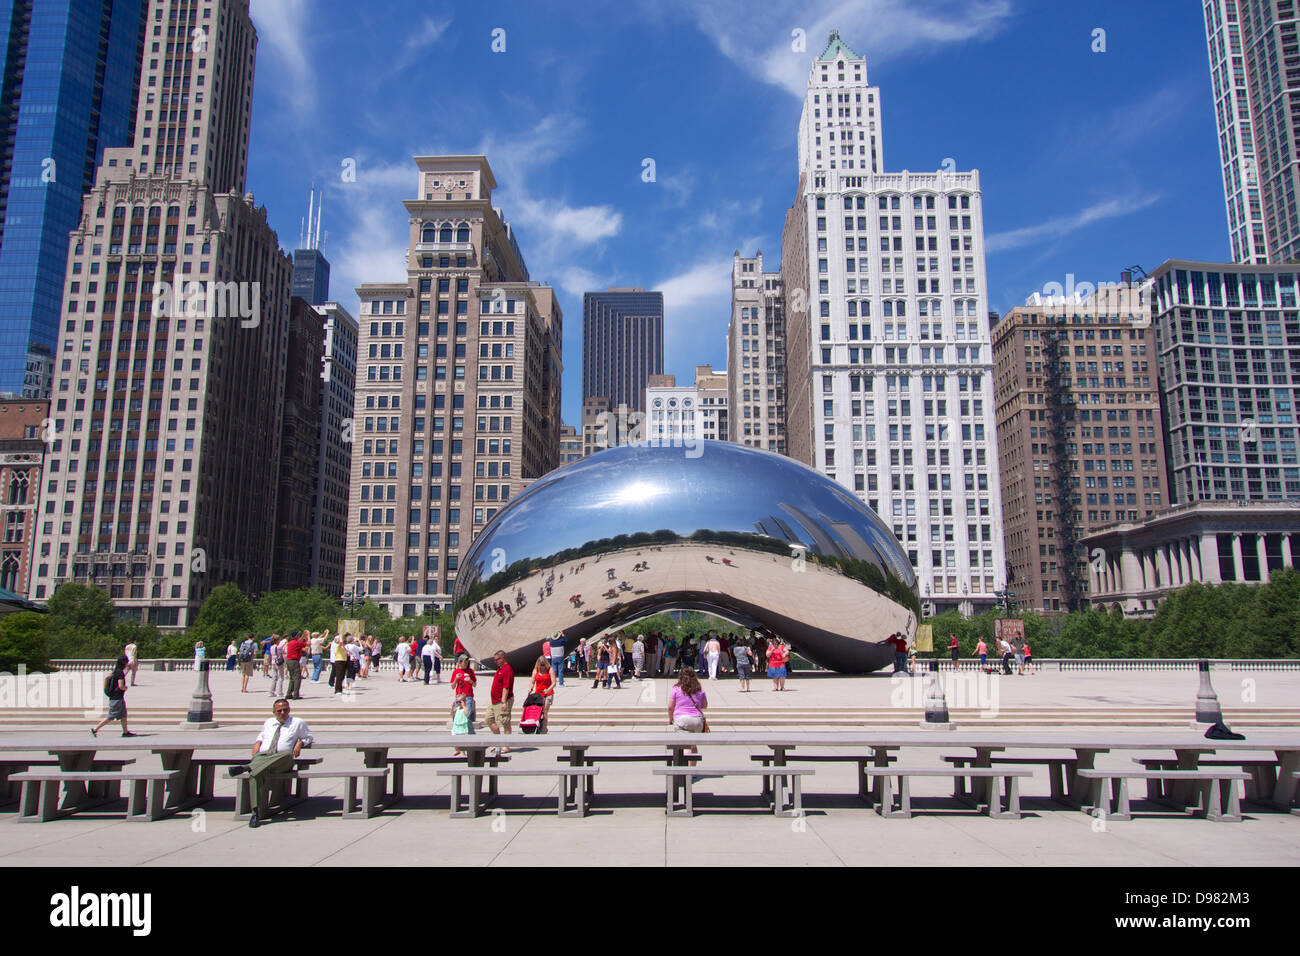 Cloud Gate de Anish Kapoor, también conocido como 'El Frijol'. El Millennium Park, Chicago. Imagen De Stock